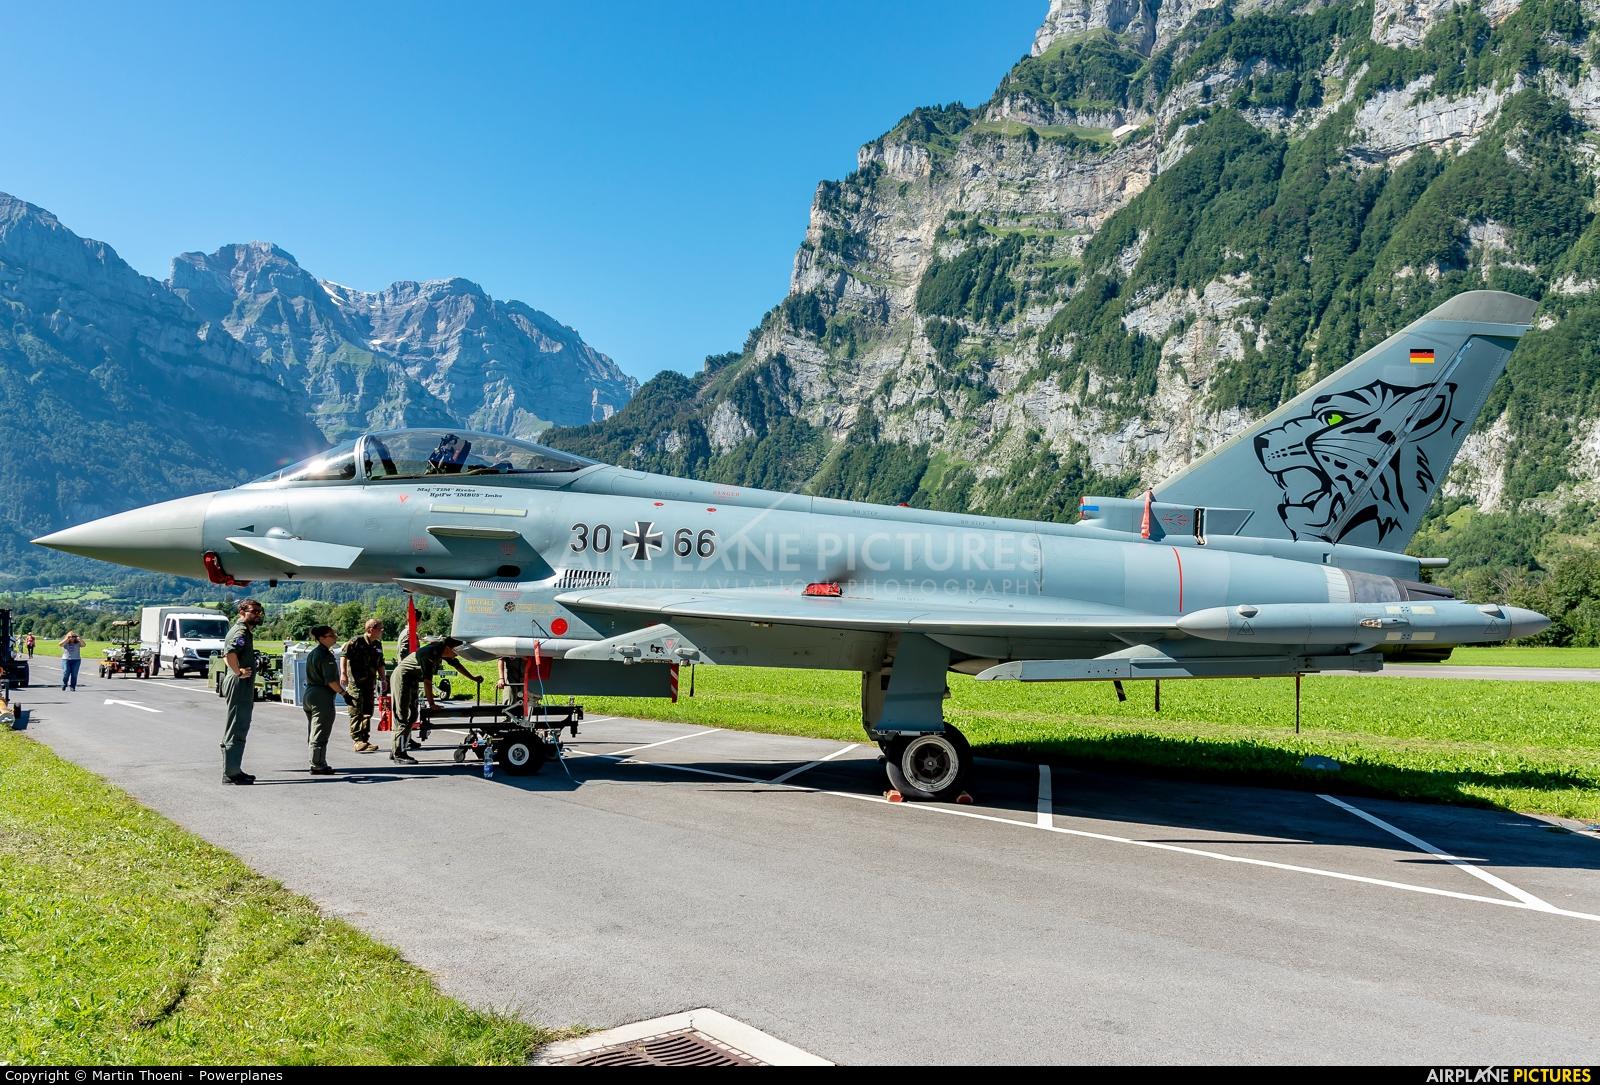 Germany - Air Force 30+66 aircraft at Mollis